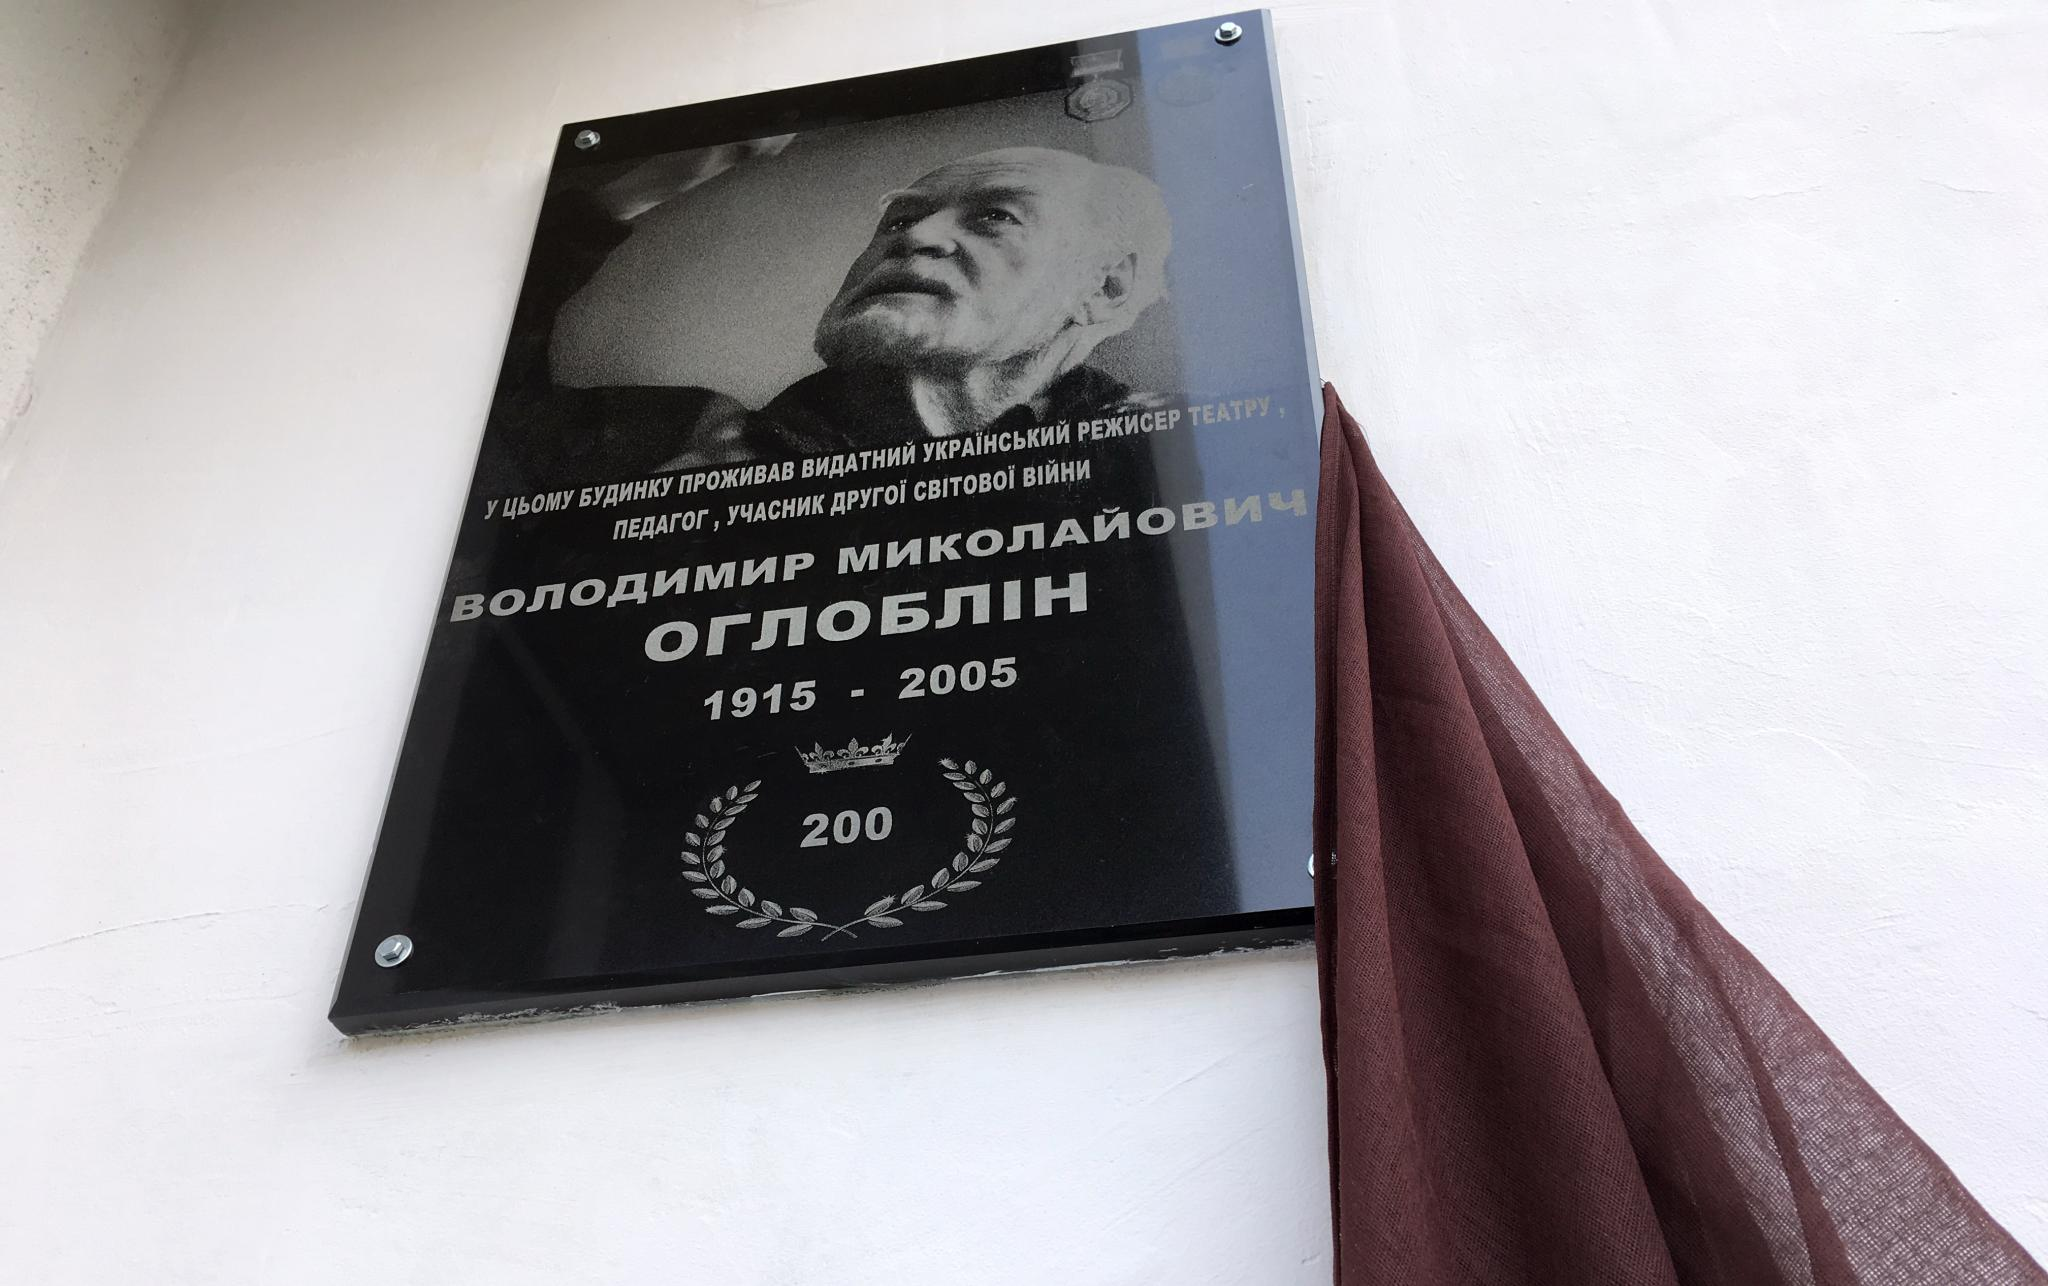 Відкриття меморіальної дошки Оглобліну В. М.